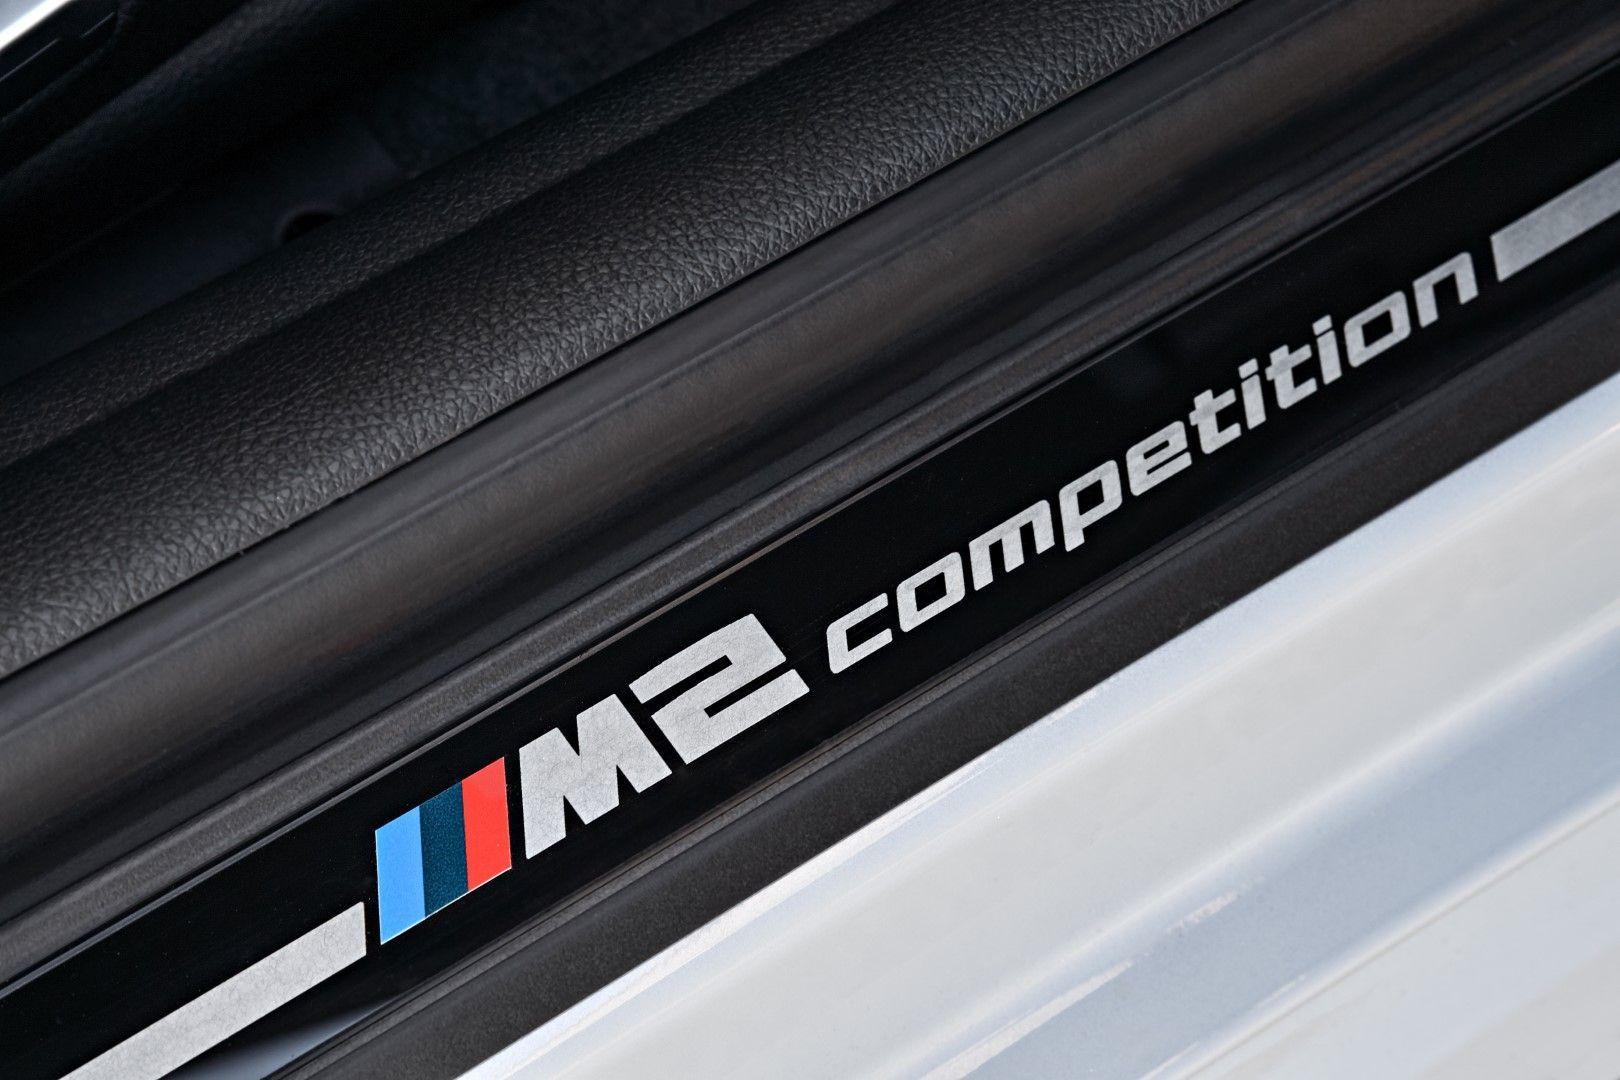 2019 BMW M2 Competition Bmw m2, Bmw, Bmw dealership